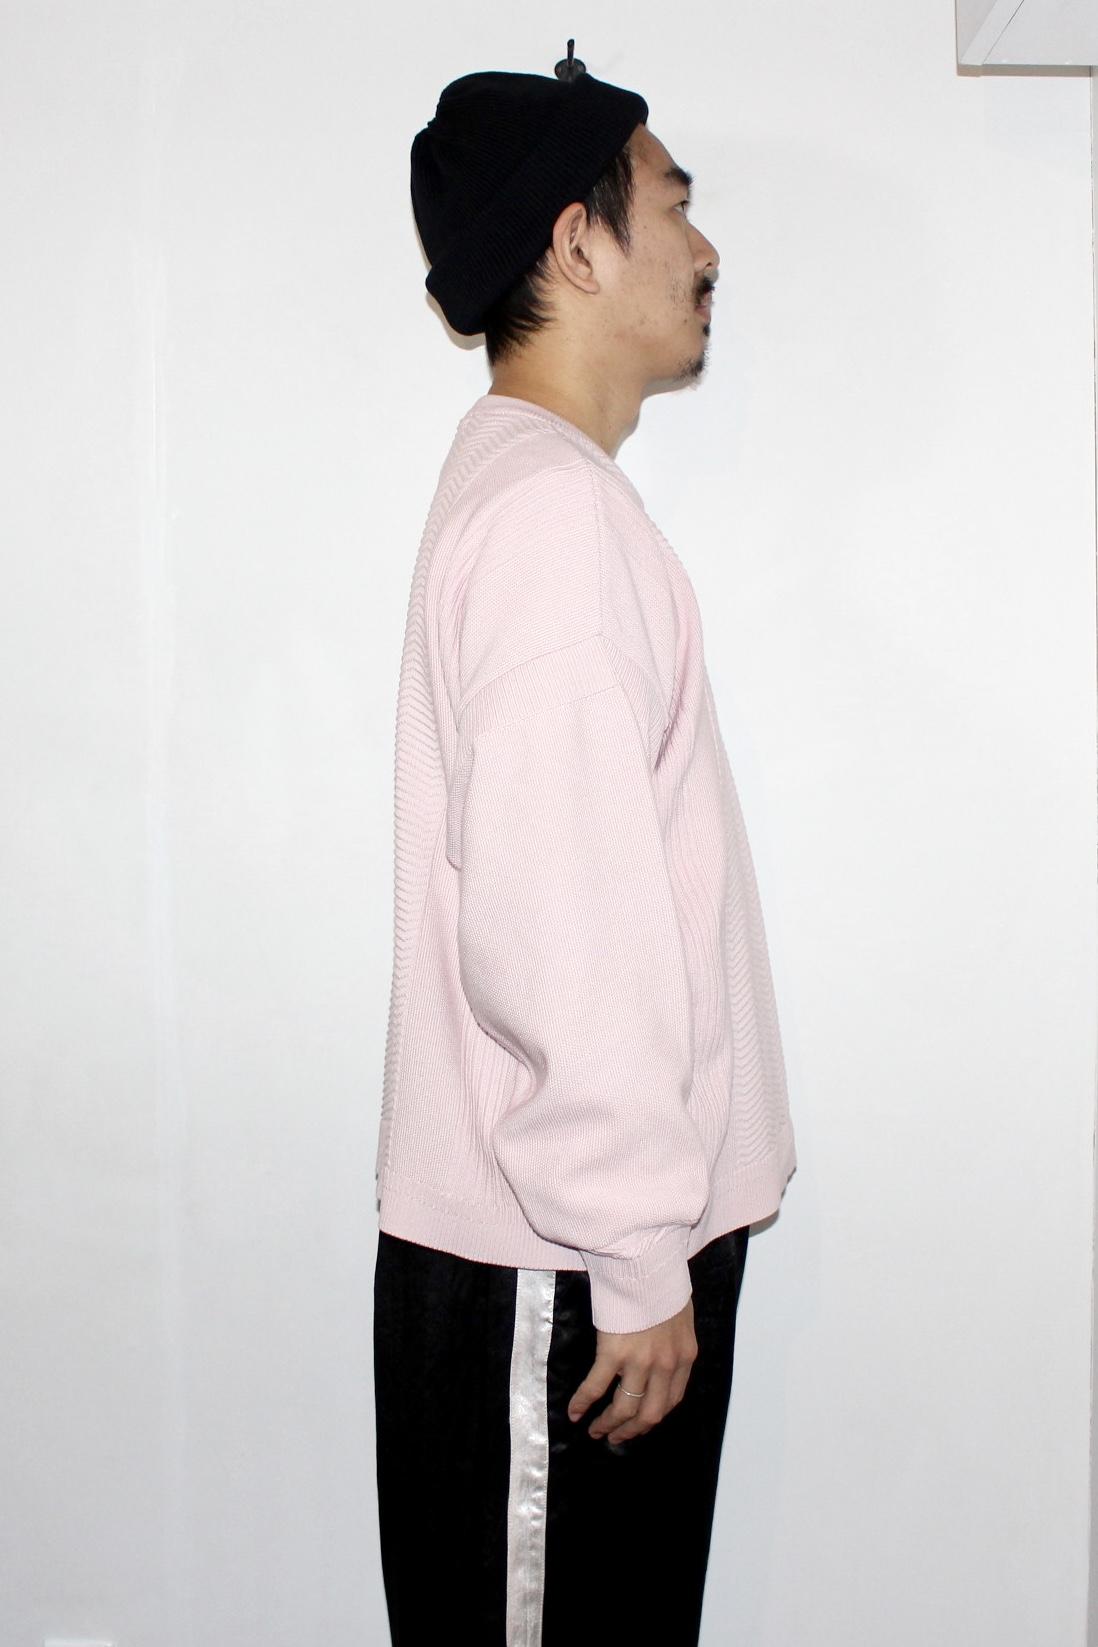 YASHIKI(ヤシキ) | Samon Knit(砂紋ニット)